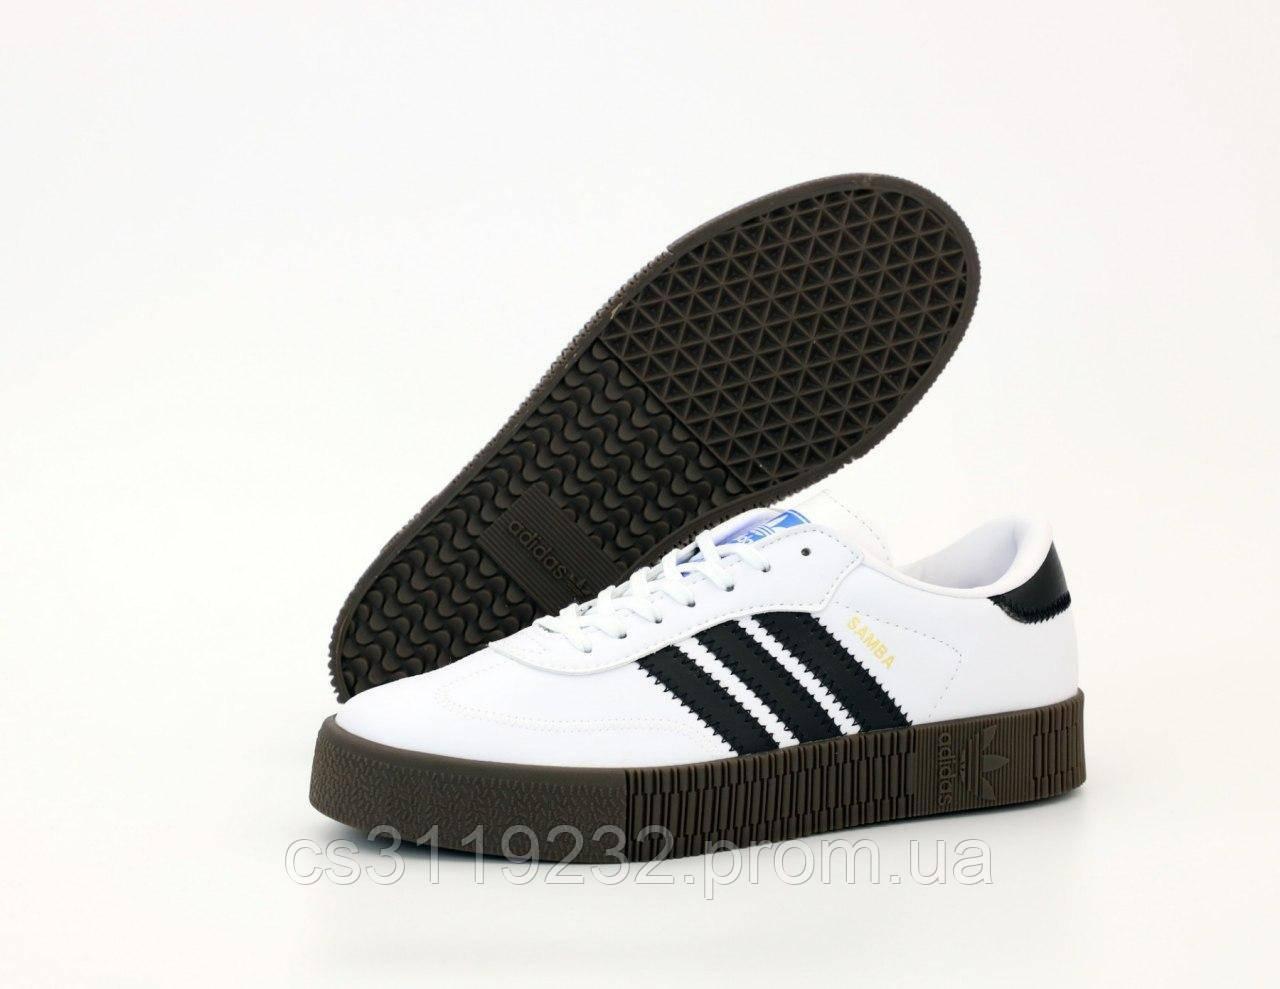 Мужские кроссовки Adidas Samba (белые)